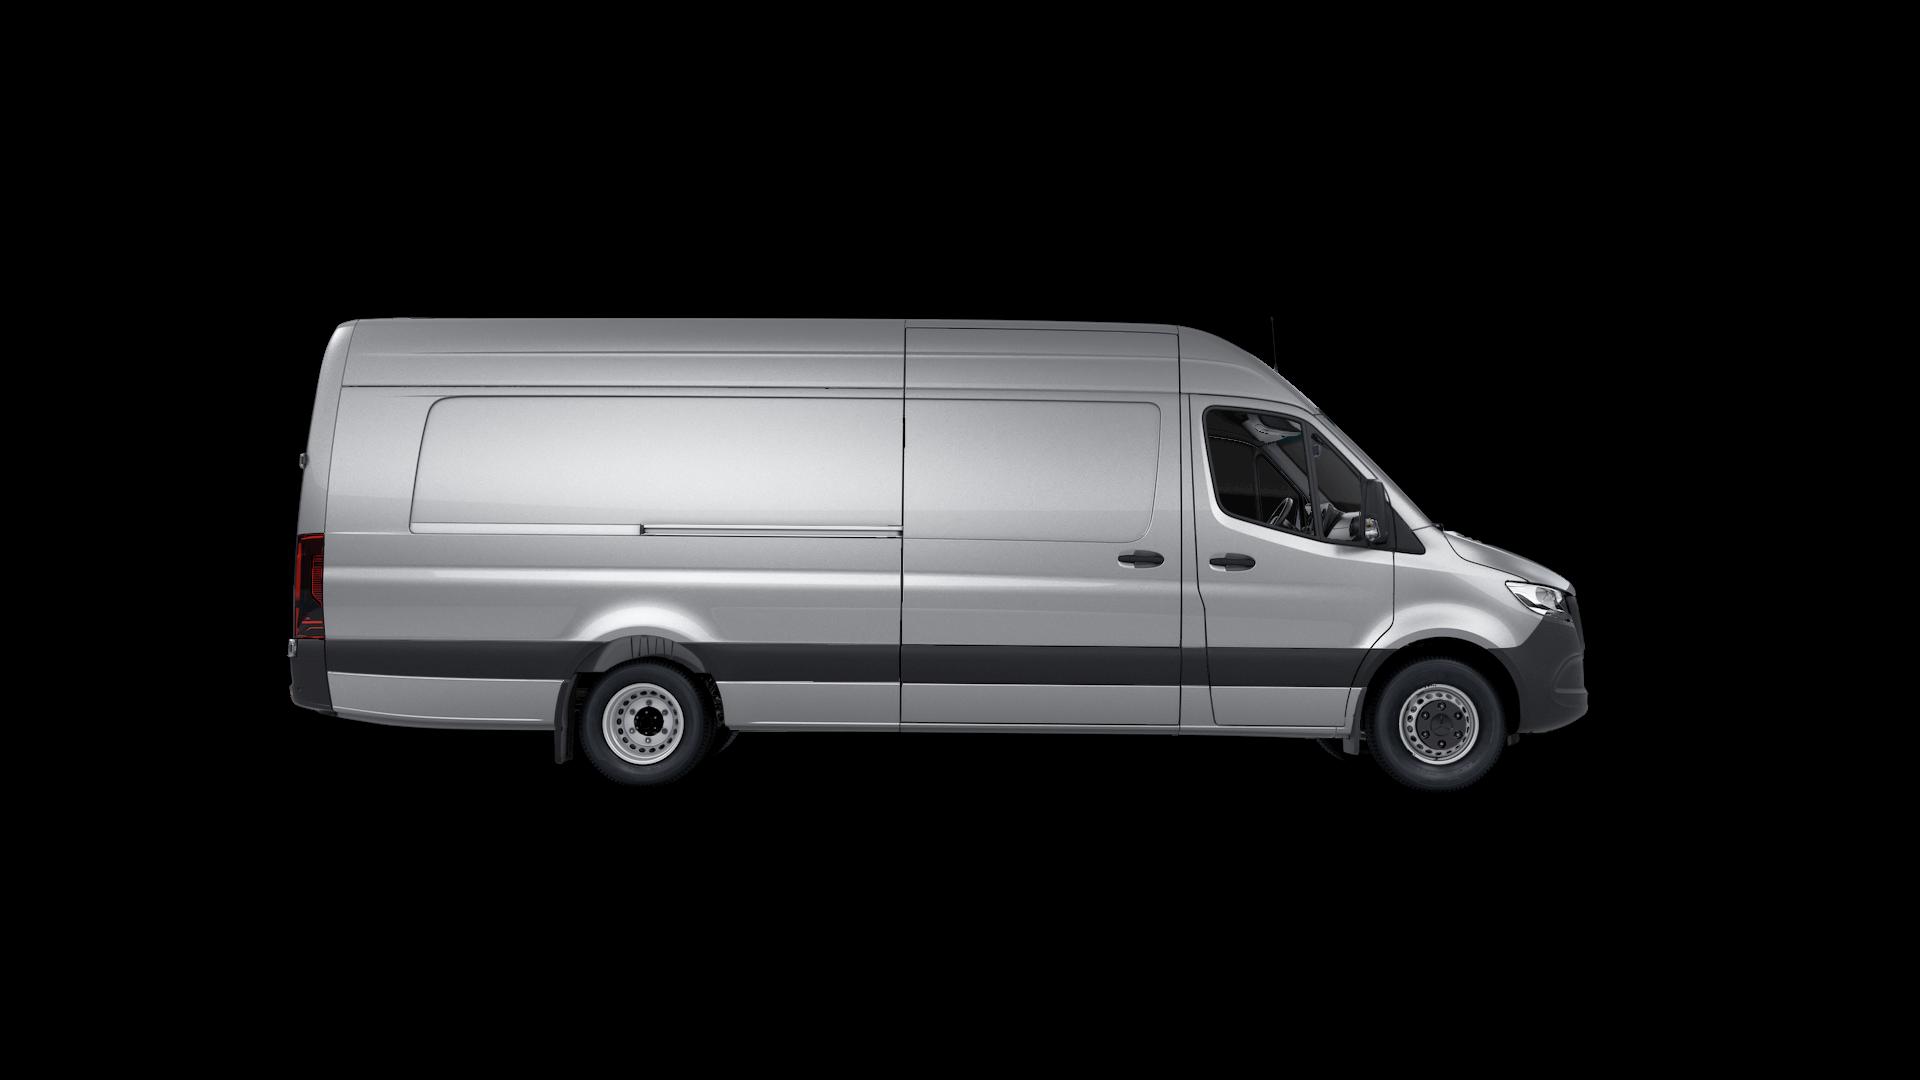 Mercedes Benz Sprinter >> Build Your Mercedes Van Mercedes Benz Vans